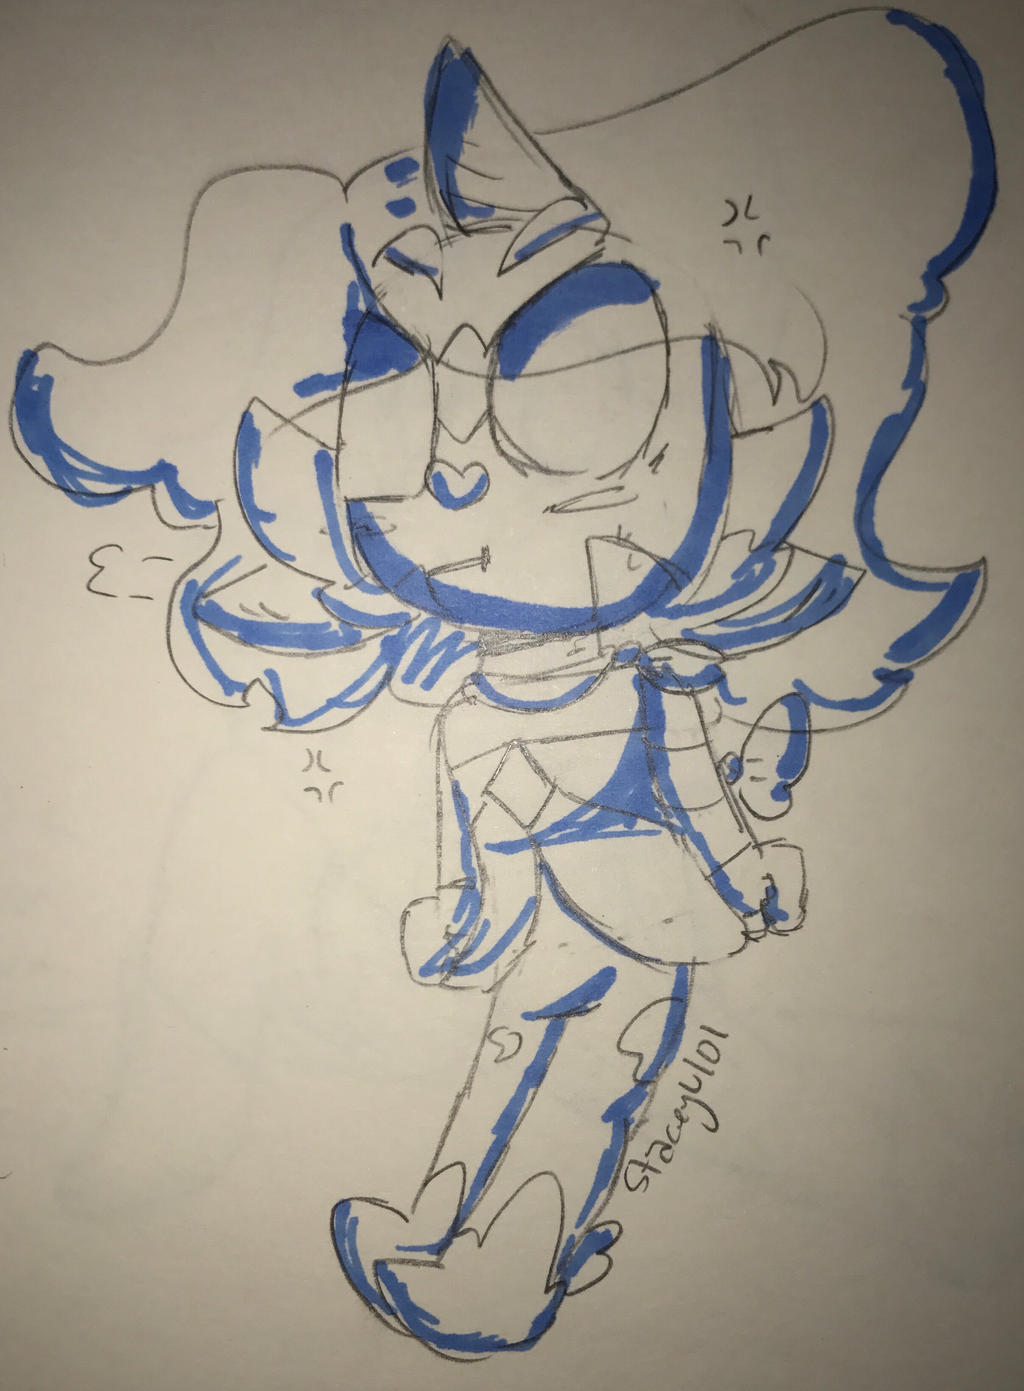 .:An Angry little Oni~:. by SleepyStaceyArt